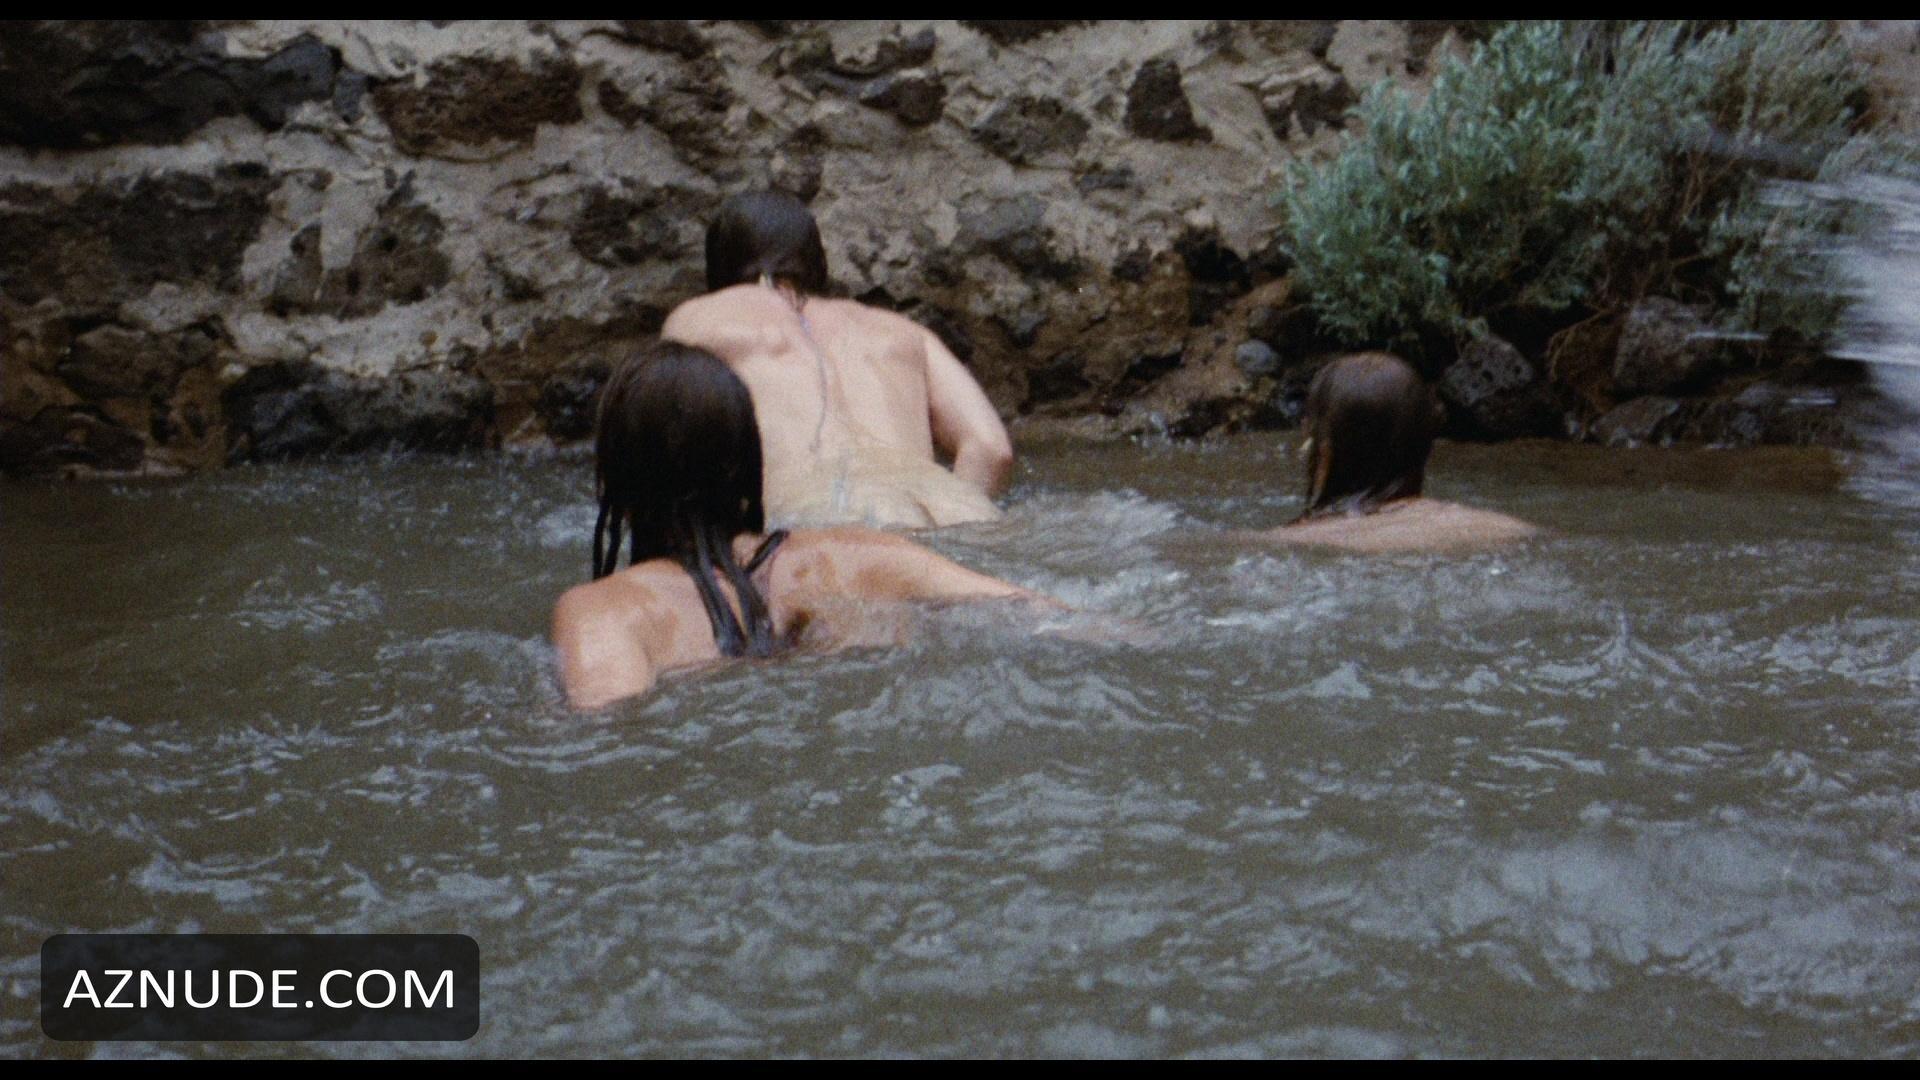 Boobs Easyriders Nude Png